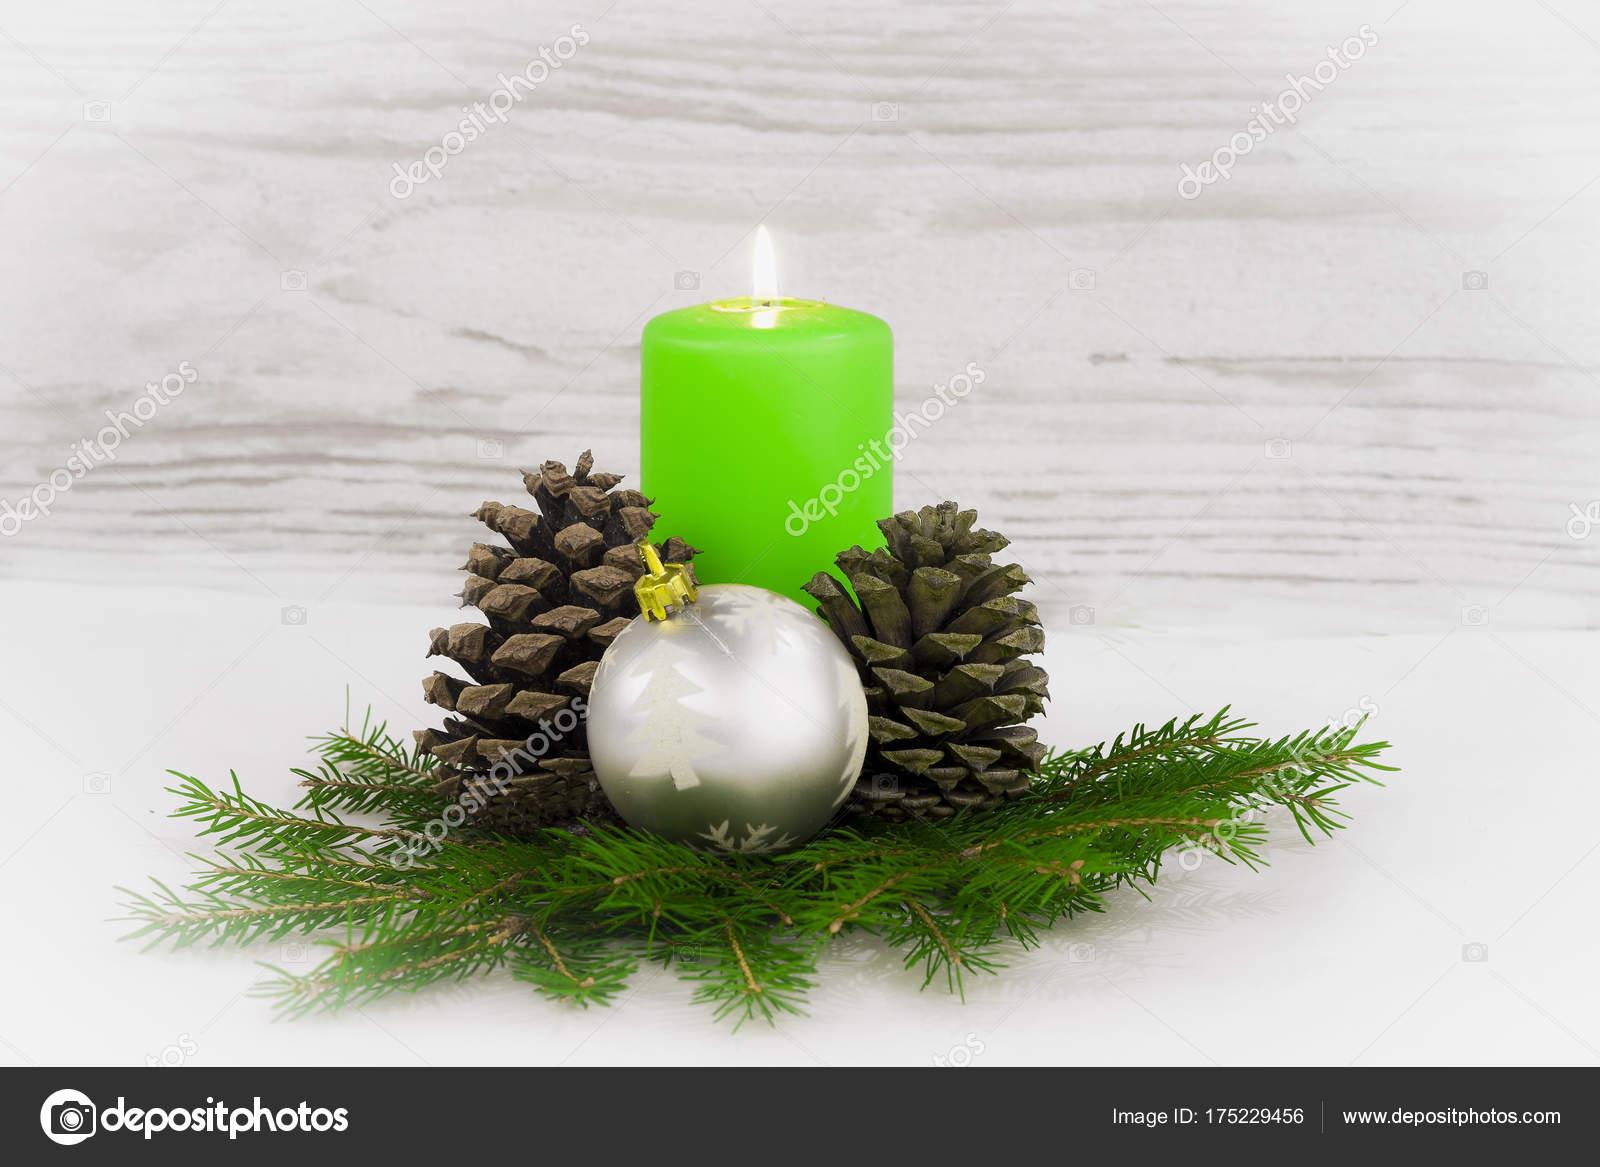 Fotos De La Corona Del Adviento.Corona Adviento Navidad Con Velas Encendidas Fotos De